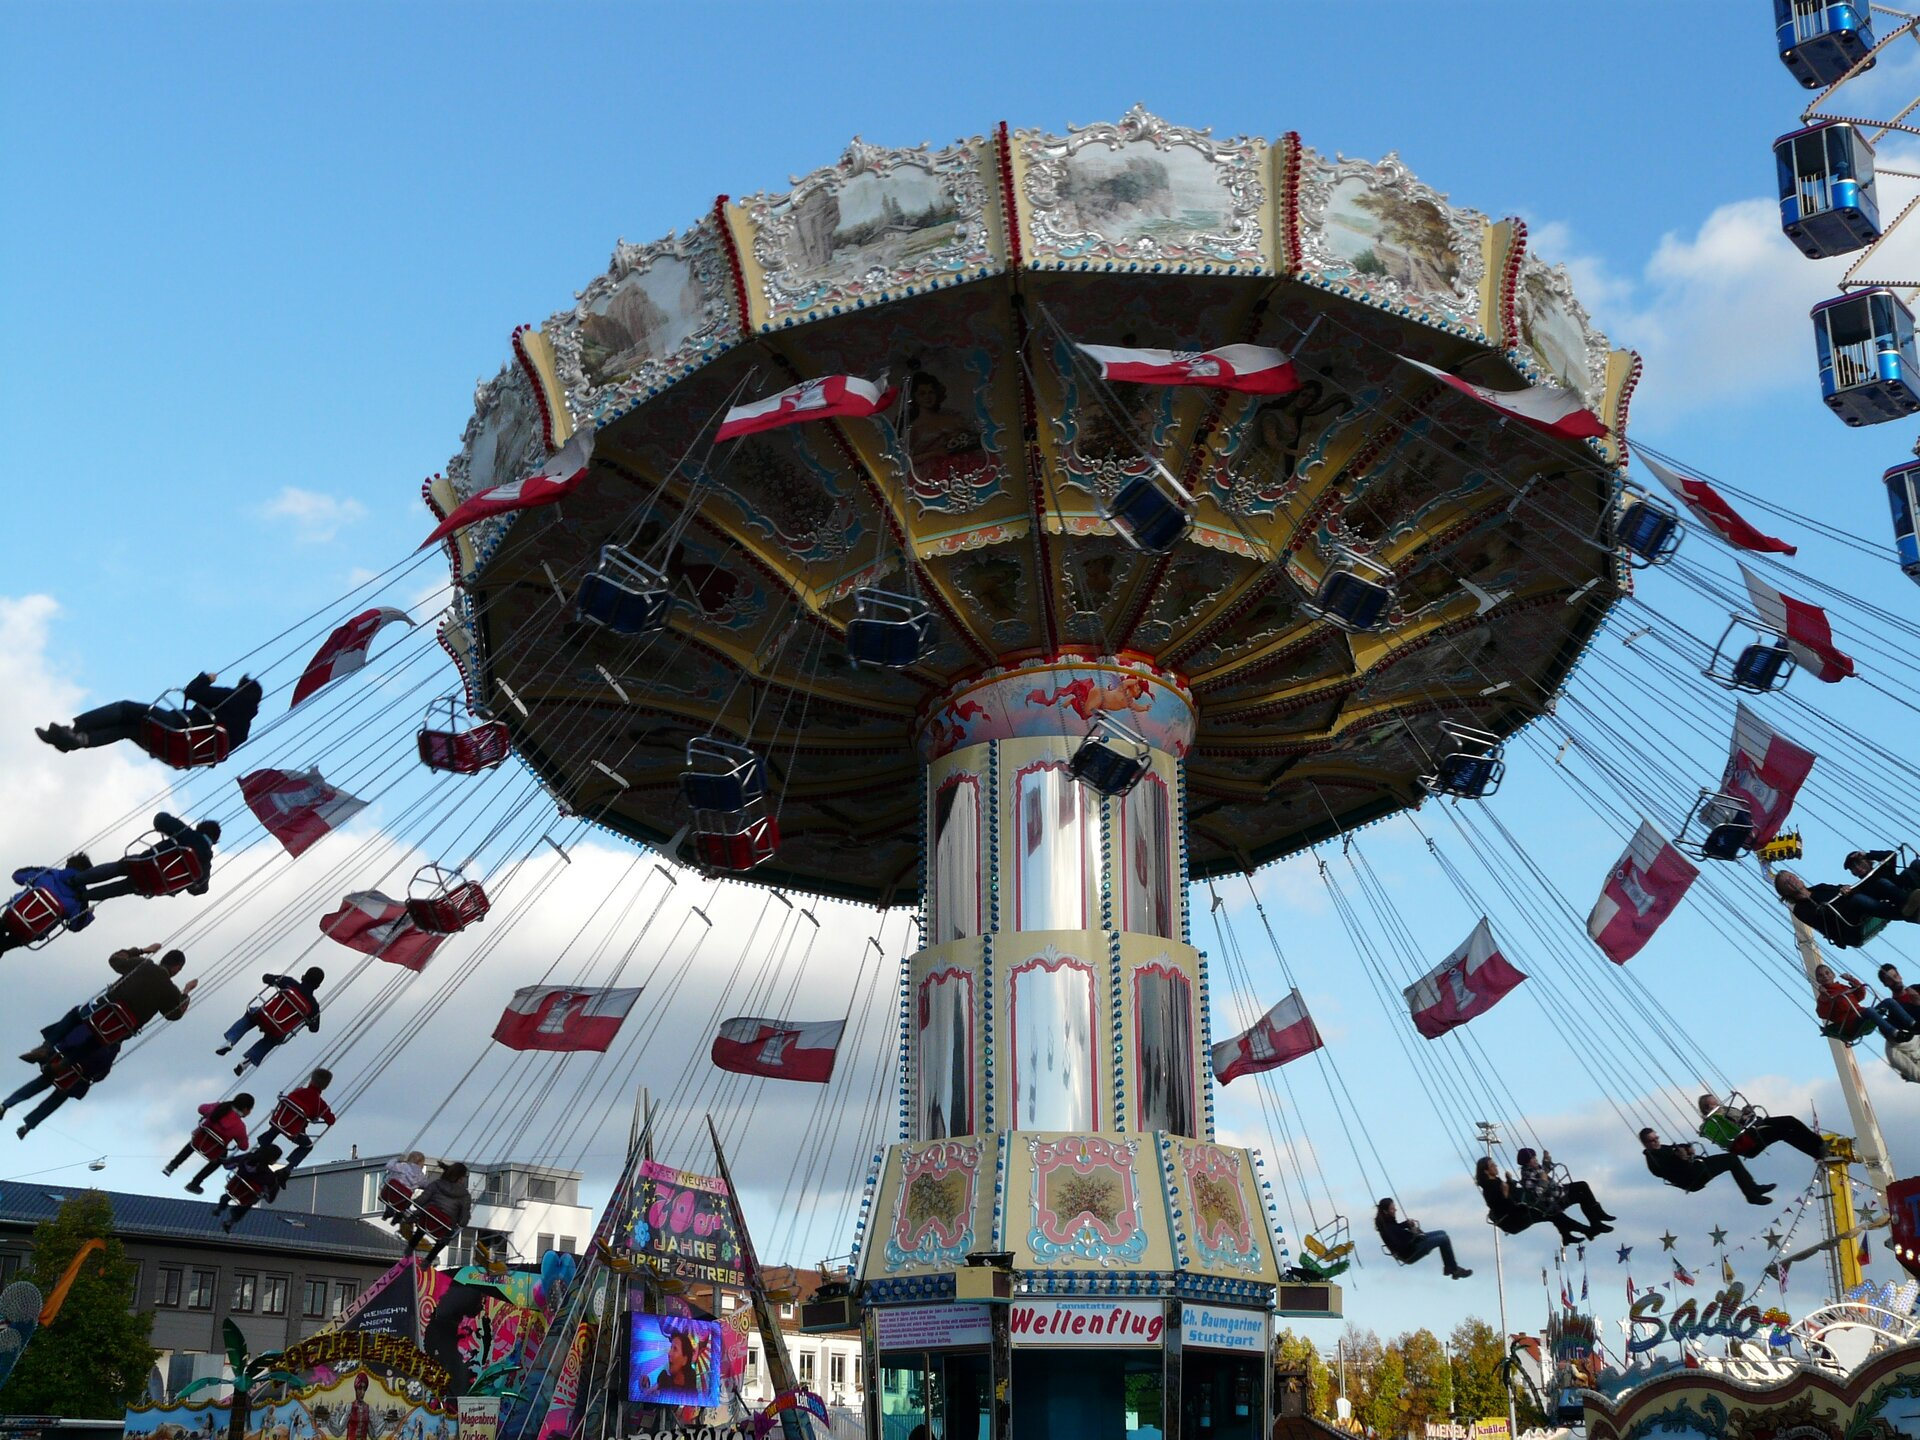 Zdjęcie przedstawia dużą karuzelę łańcuchową. Na karuzeli znajduje się kilkanaście osób. Wtle błękitne niebo.